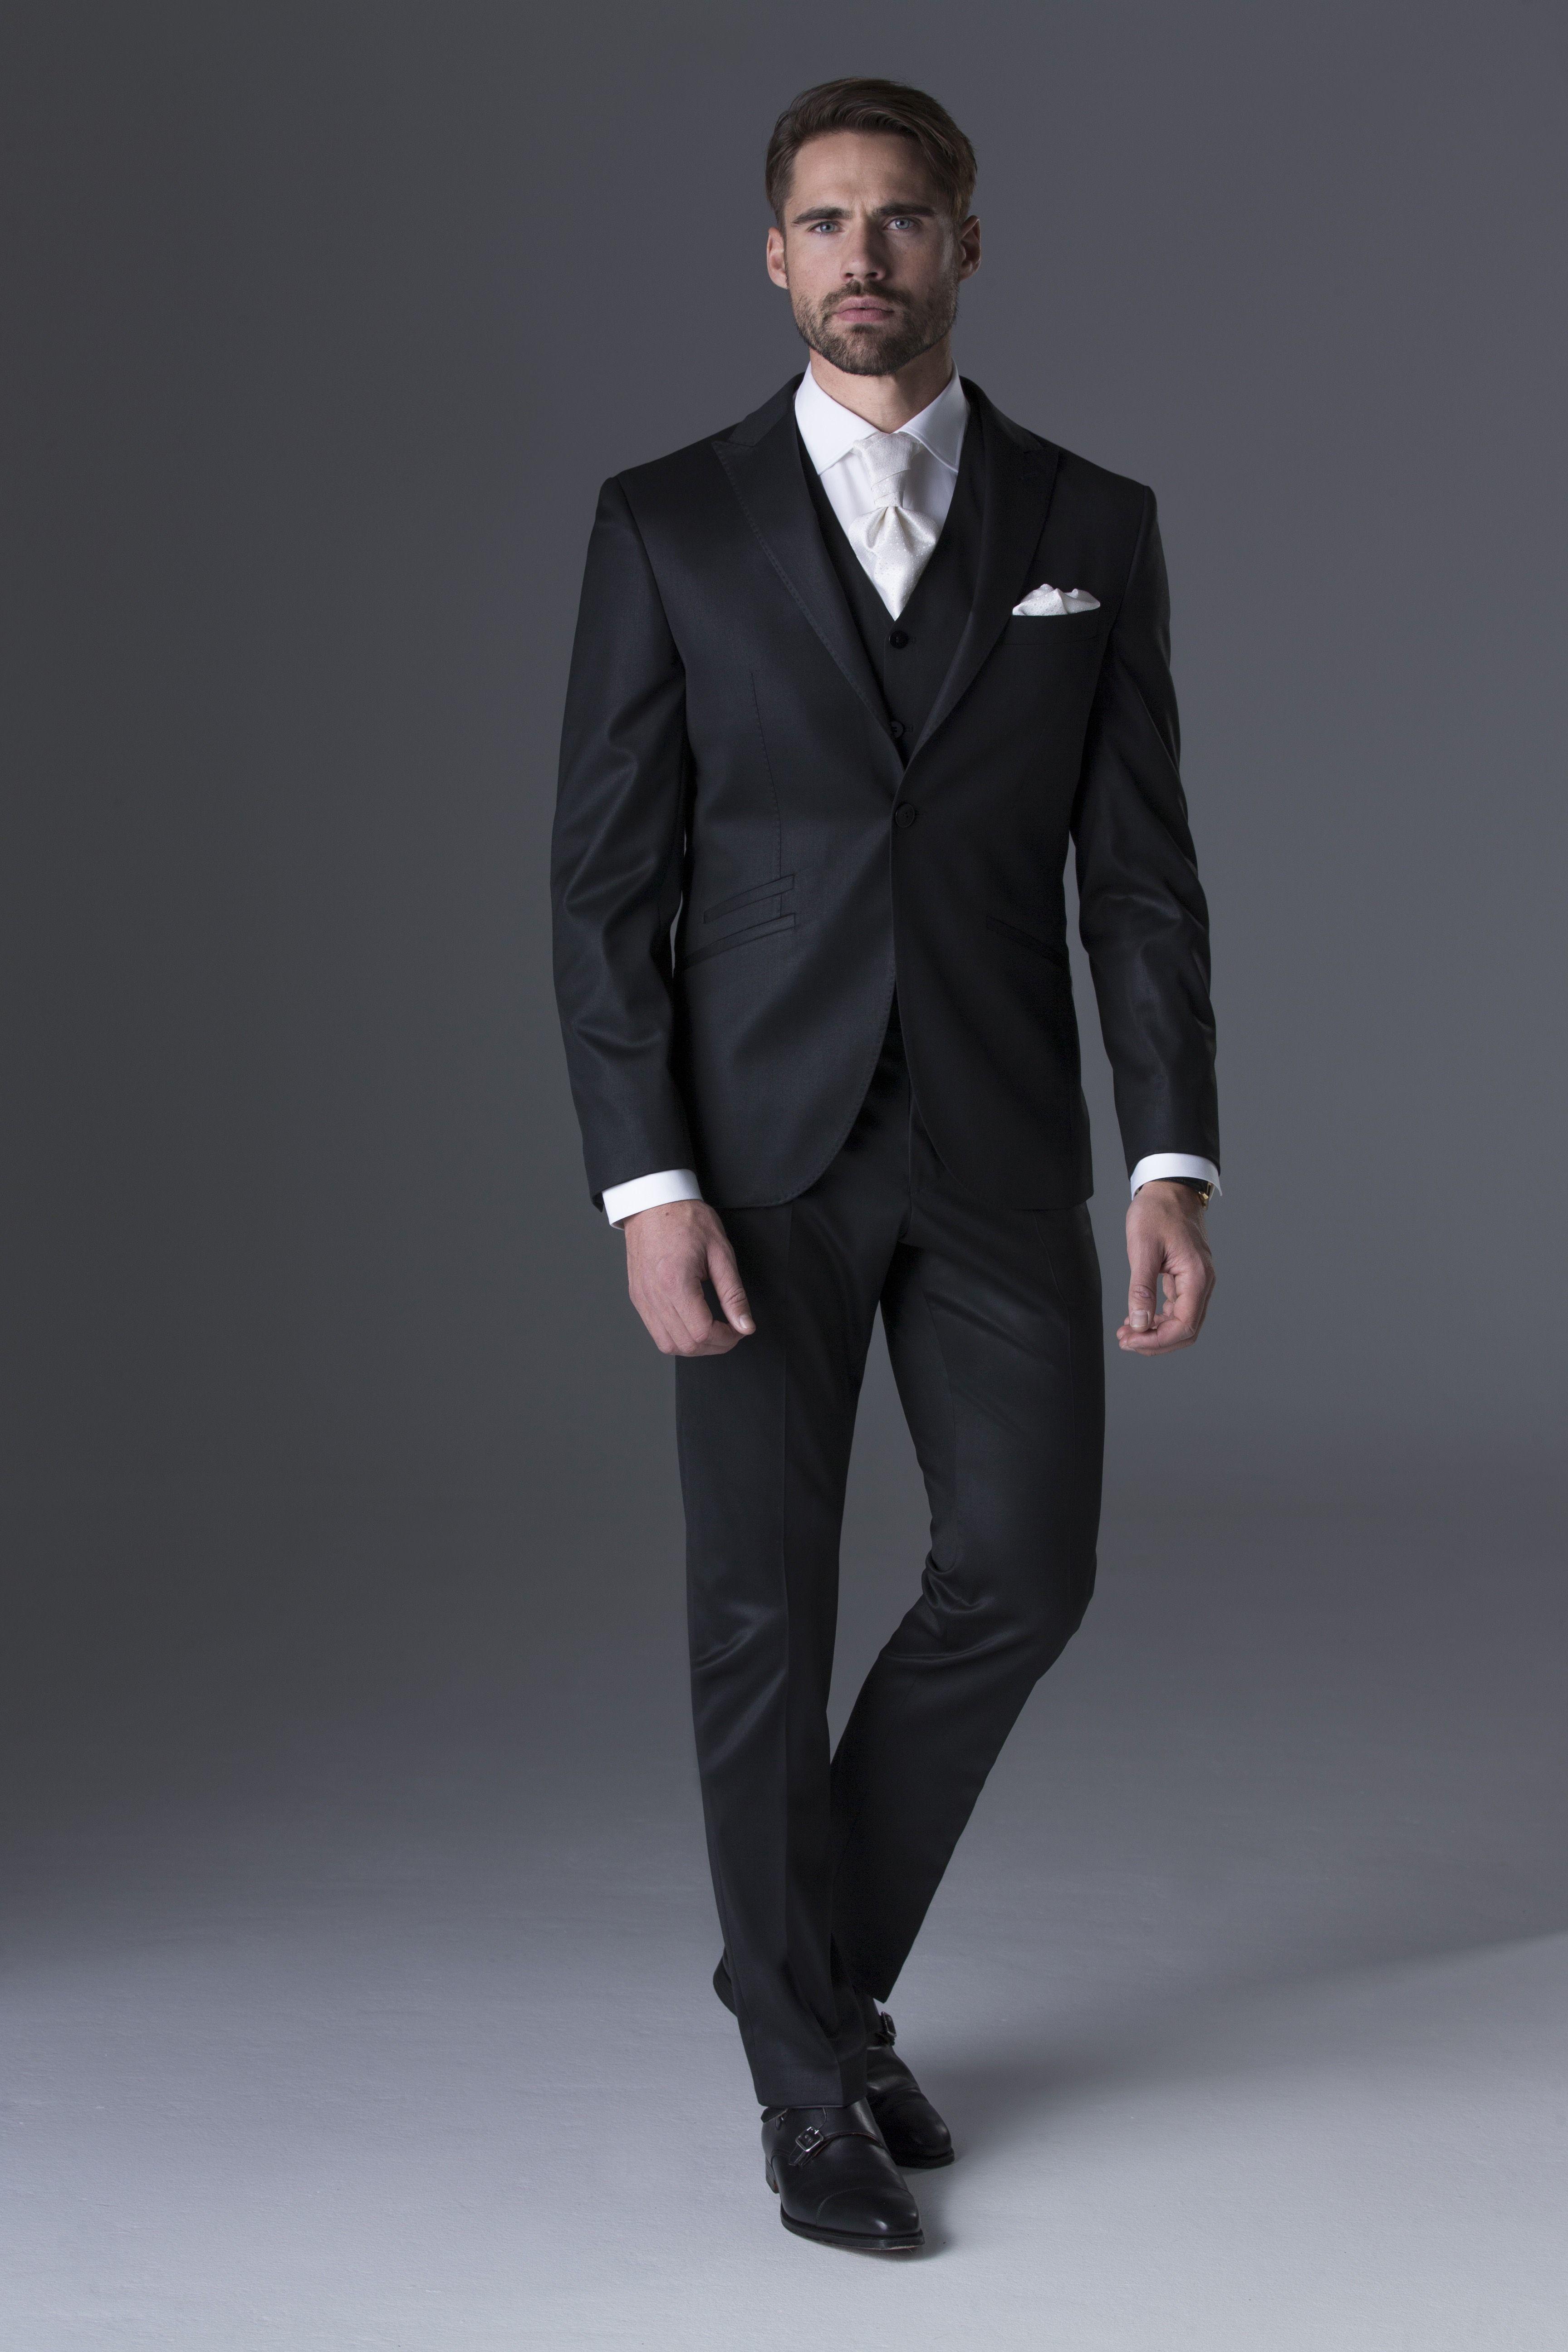 sale retailer 25e08 d36de Klassischer Anzug aus der Kollektion 2018 von #Cavaliere ...